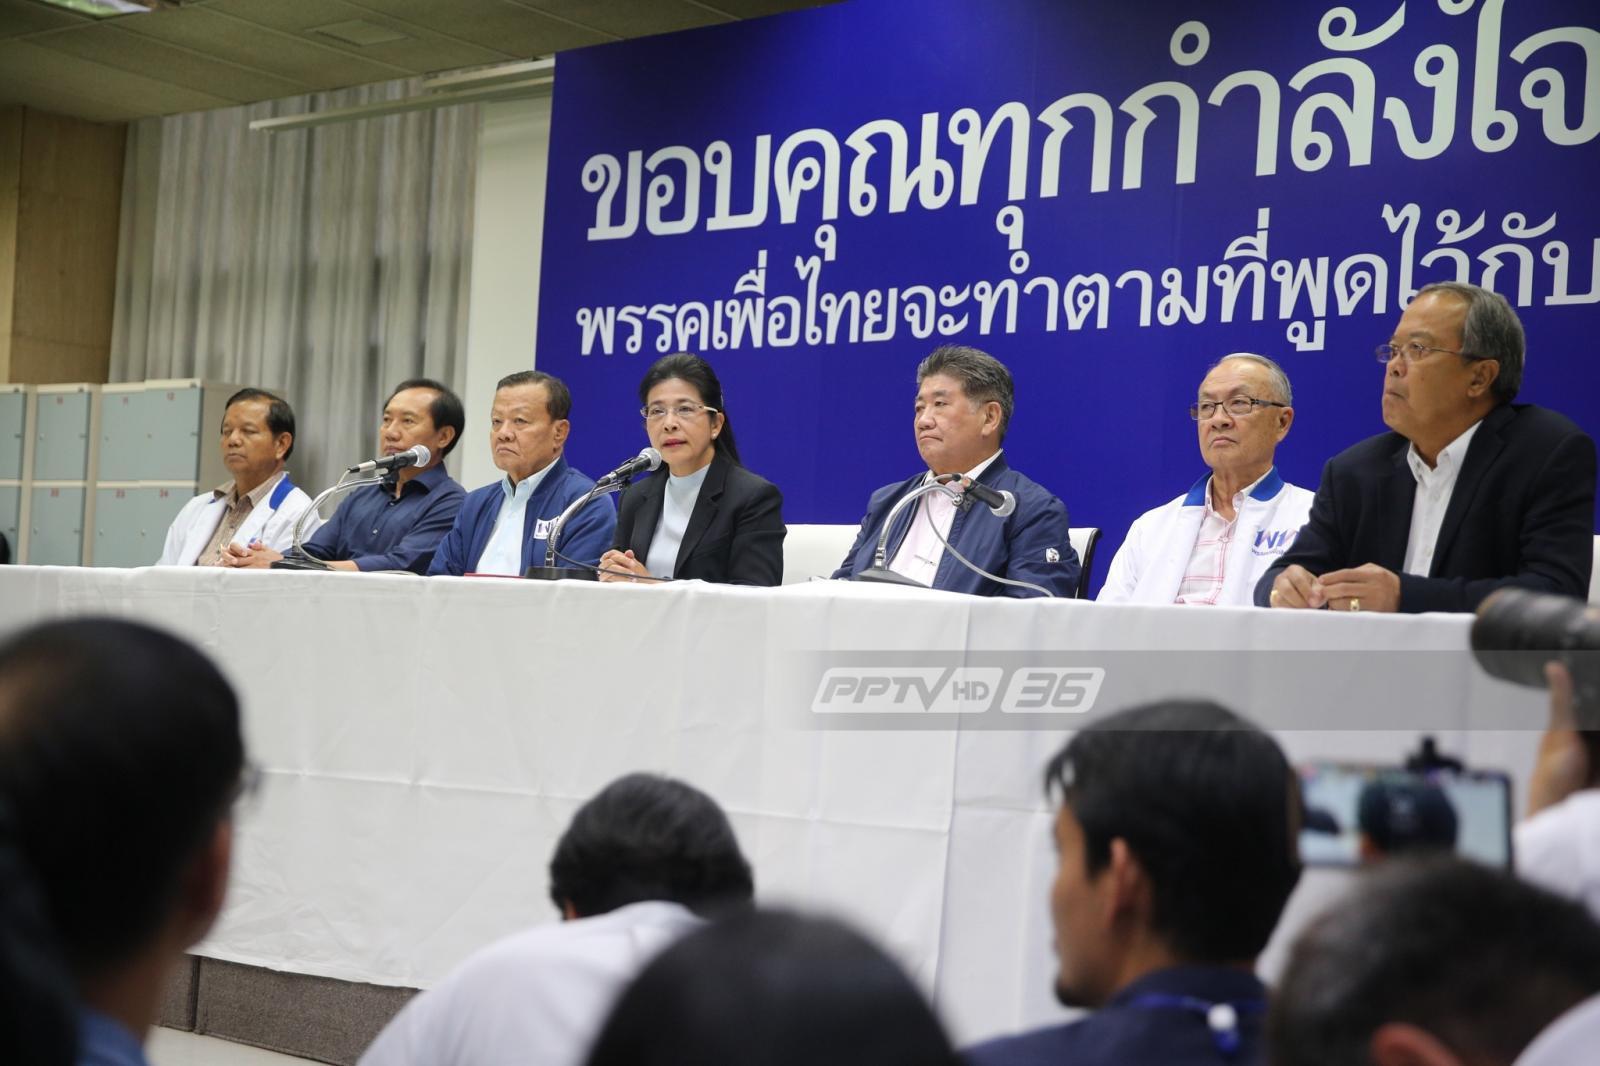 ตั้งรัฐบาล !! เพื่อไทย จับมือ 4 พรรค แถลงวันนี้